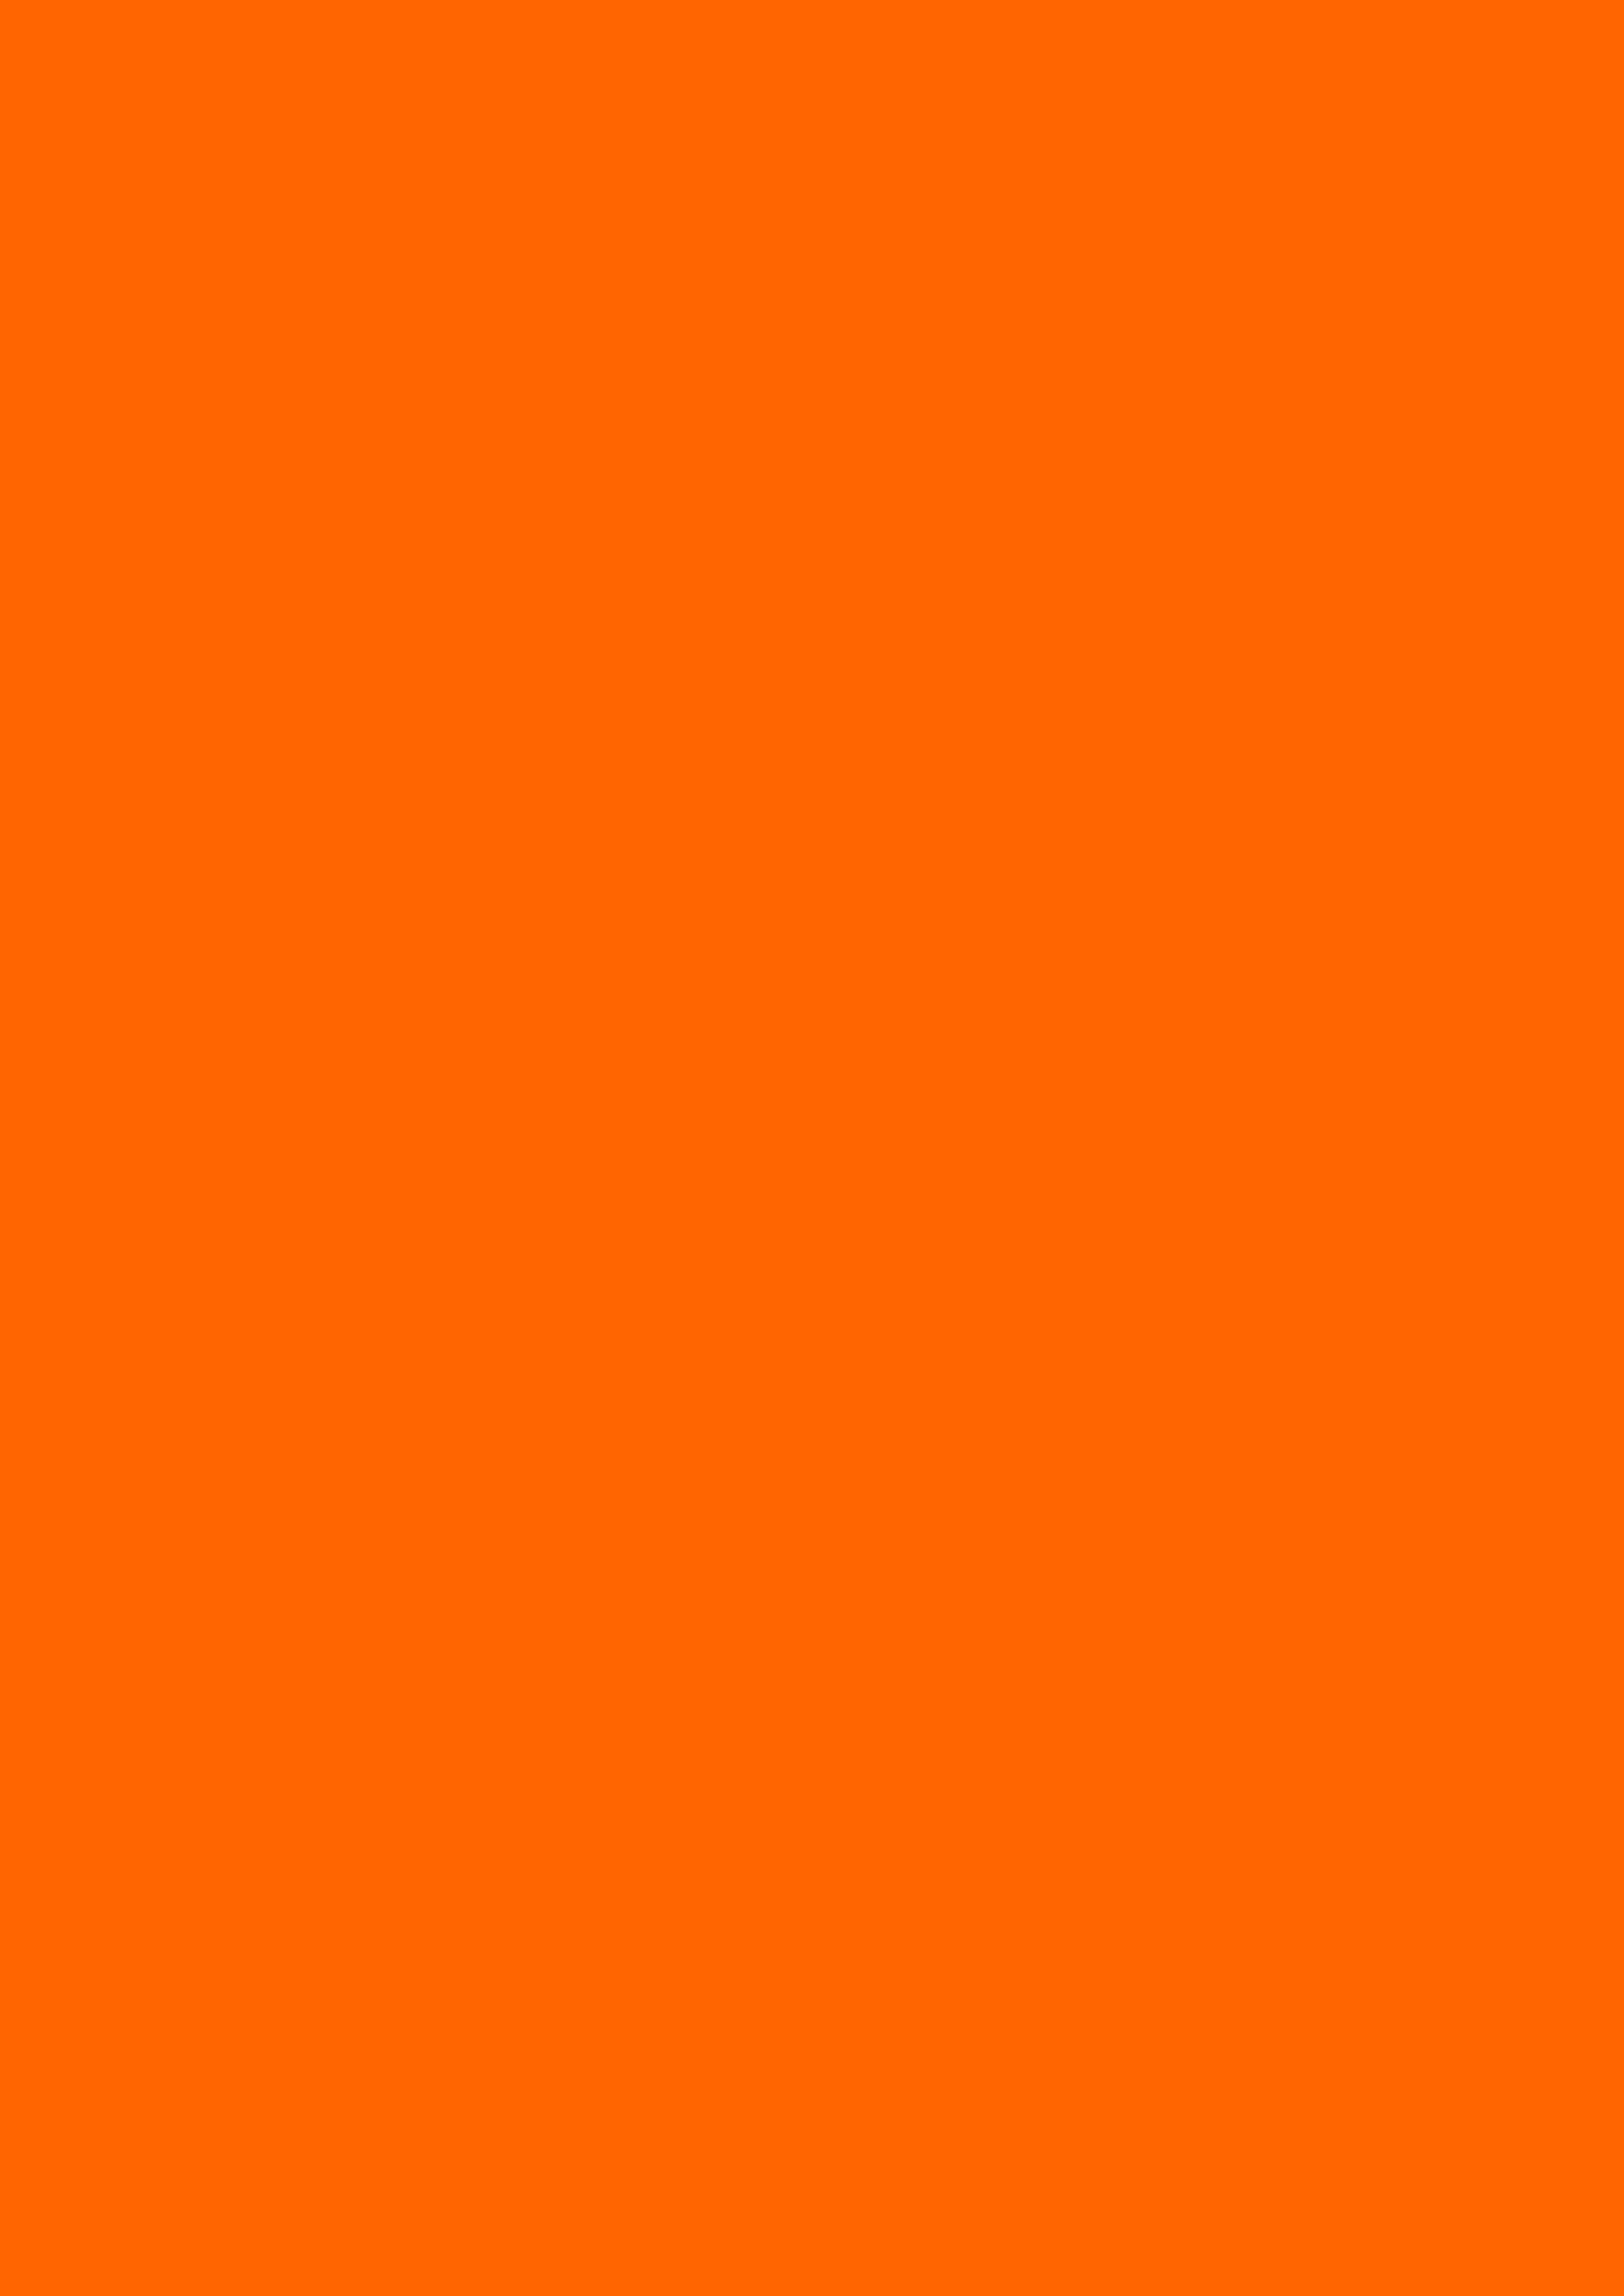 OrangeBlock